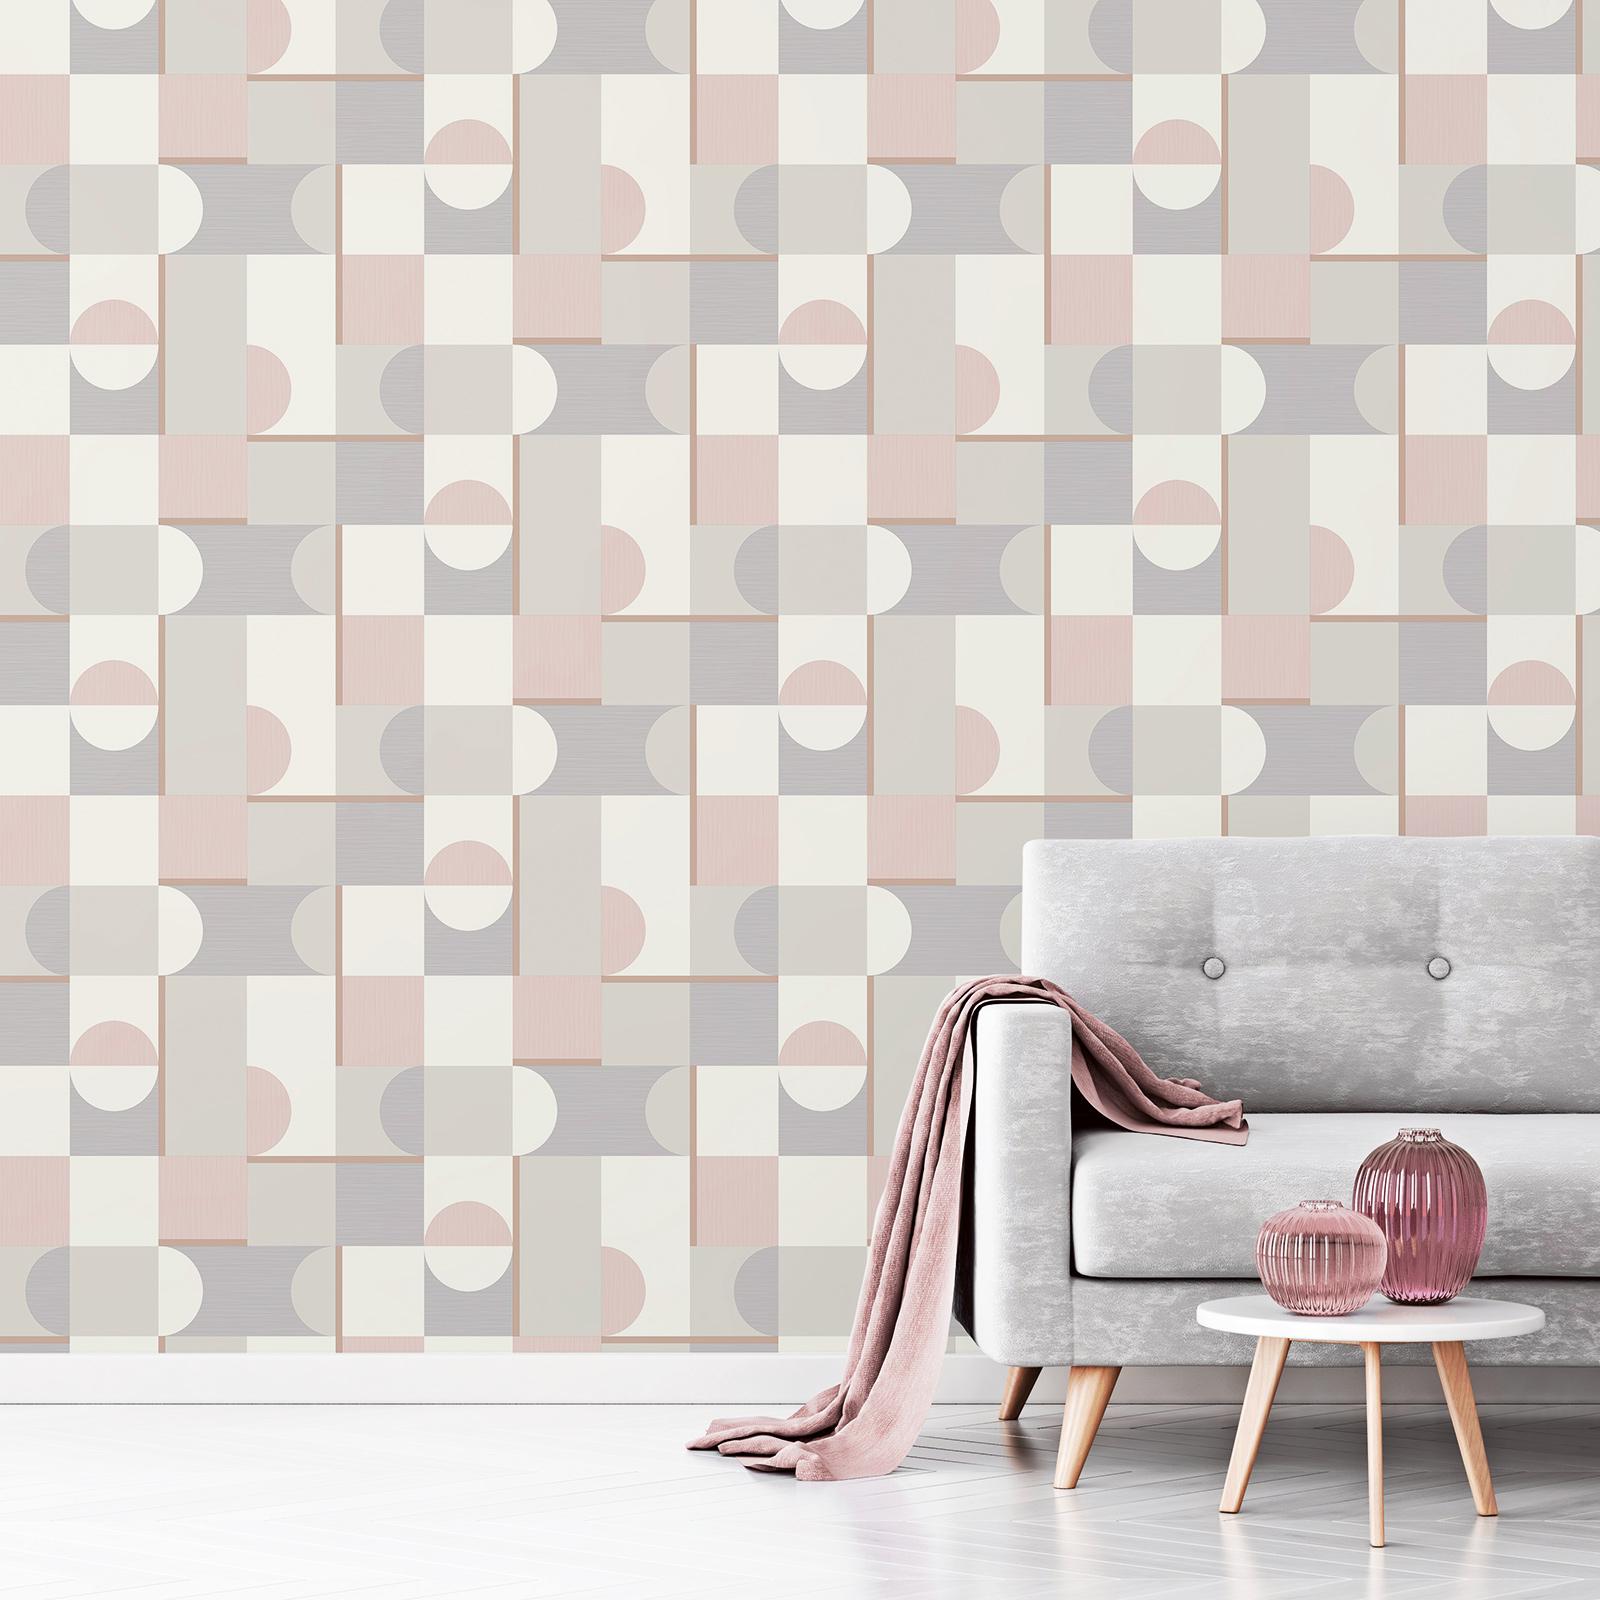 Wallpaper Trends 2019 Sneak Peek